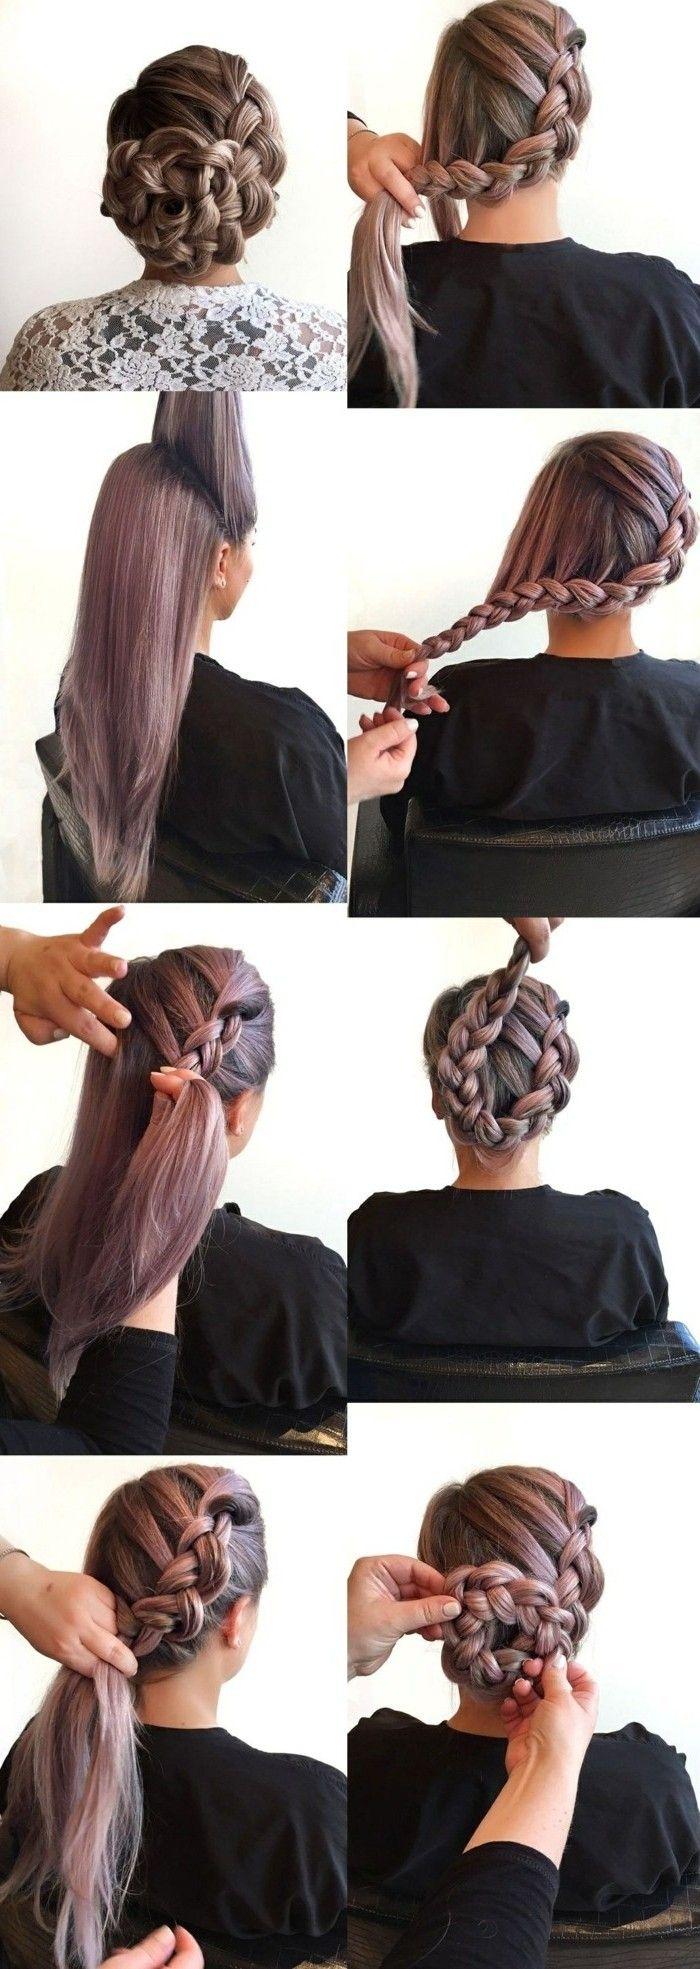 ▷ 1001 + Ideen für schöne Haarfrisuren Plus Anleitungen zum Selbermachen #braidedbuns